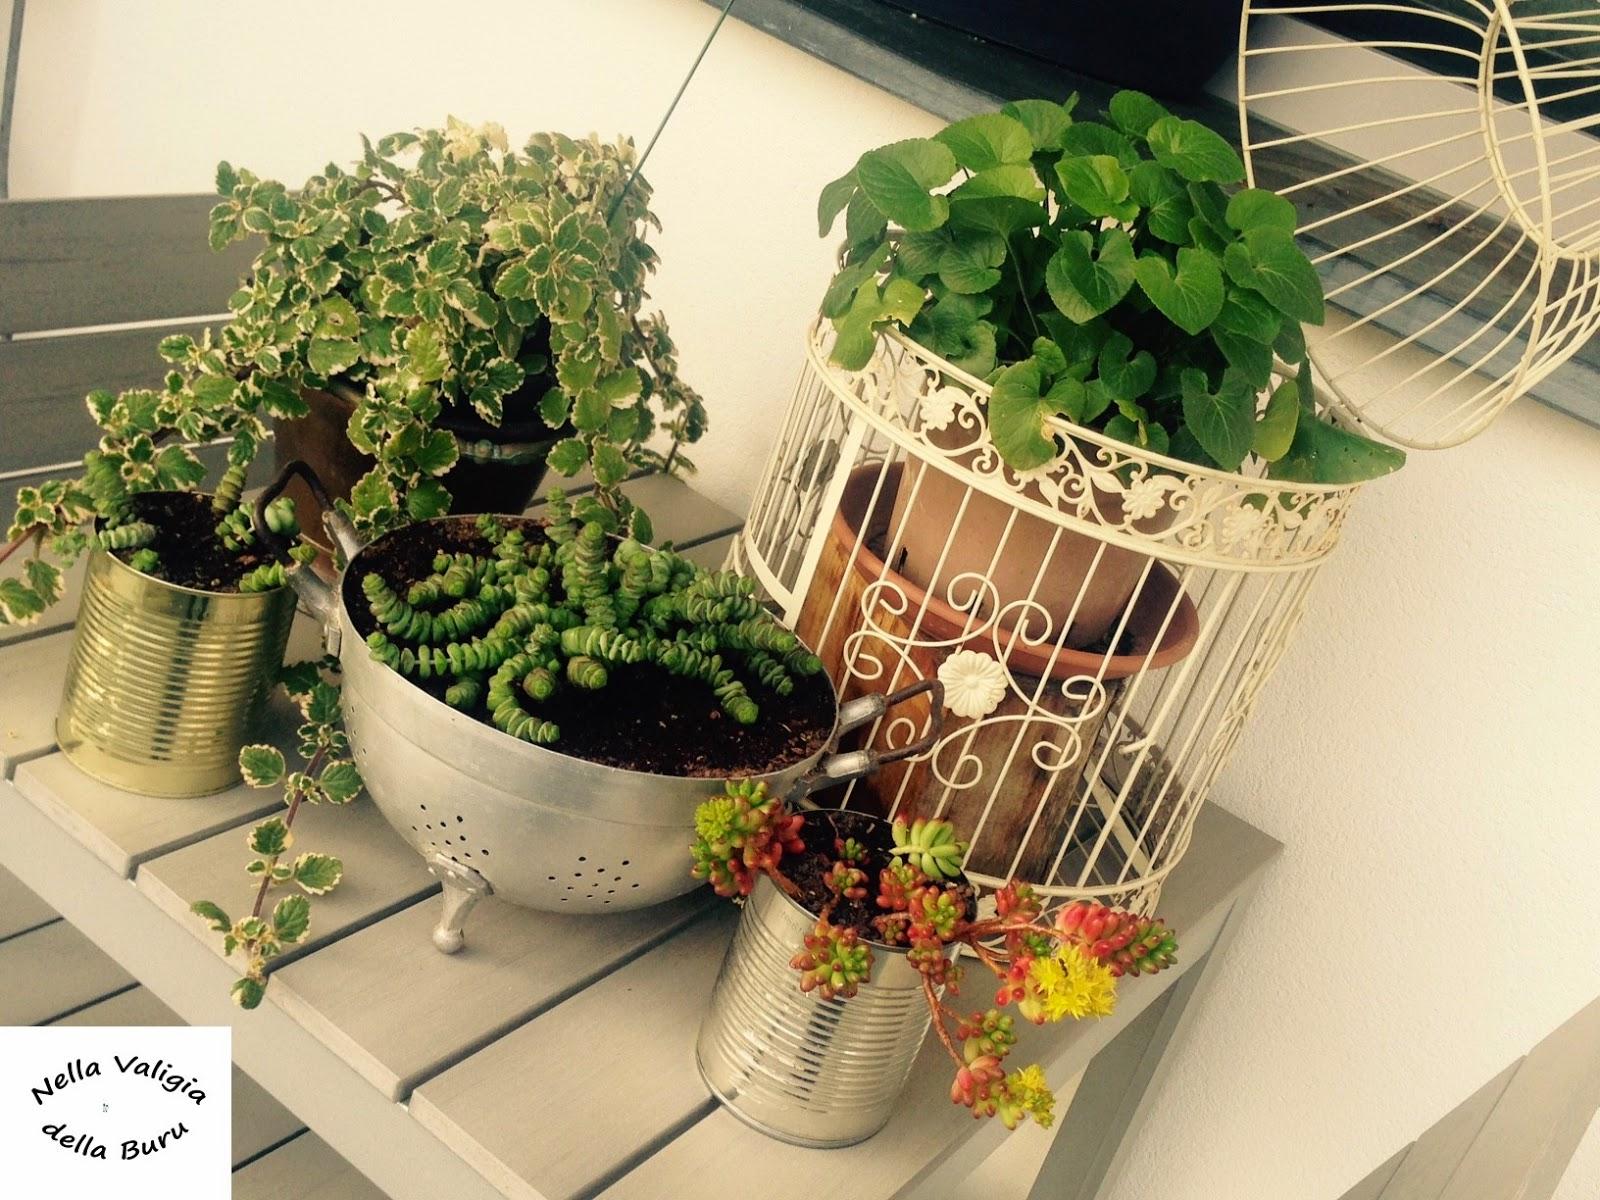 Nella valigia della buru giardino e balcone realizzare for Arredare con riciclo fai da te